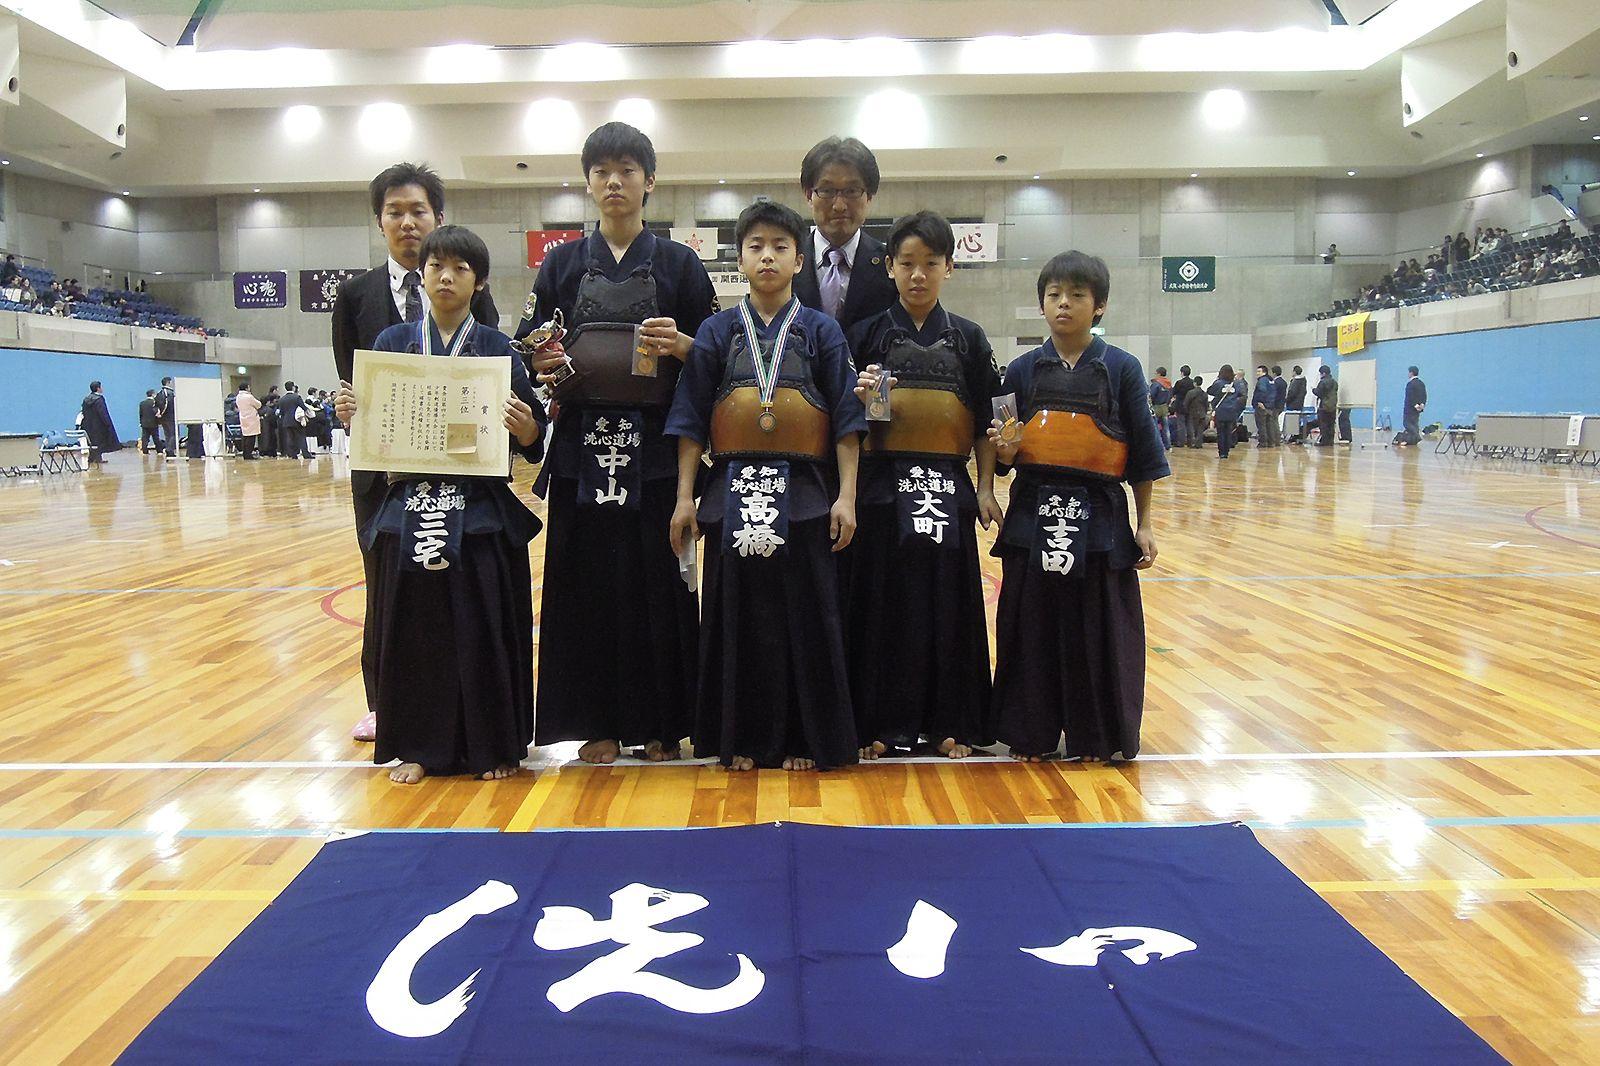 第41回関西選抜少年剣道優勝大会